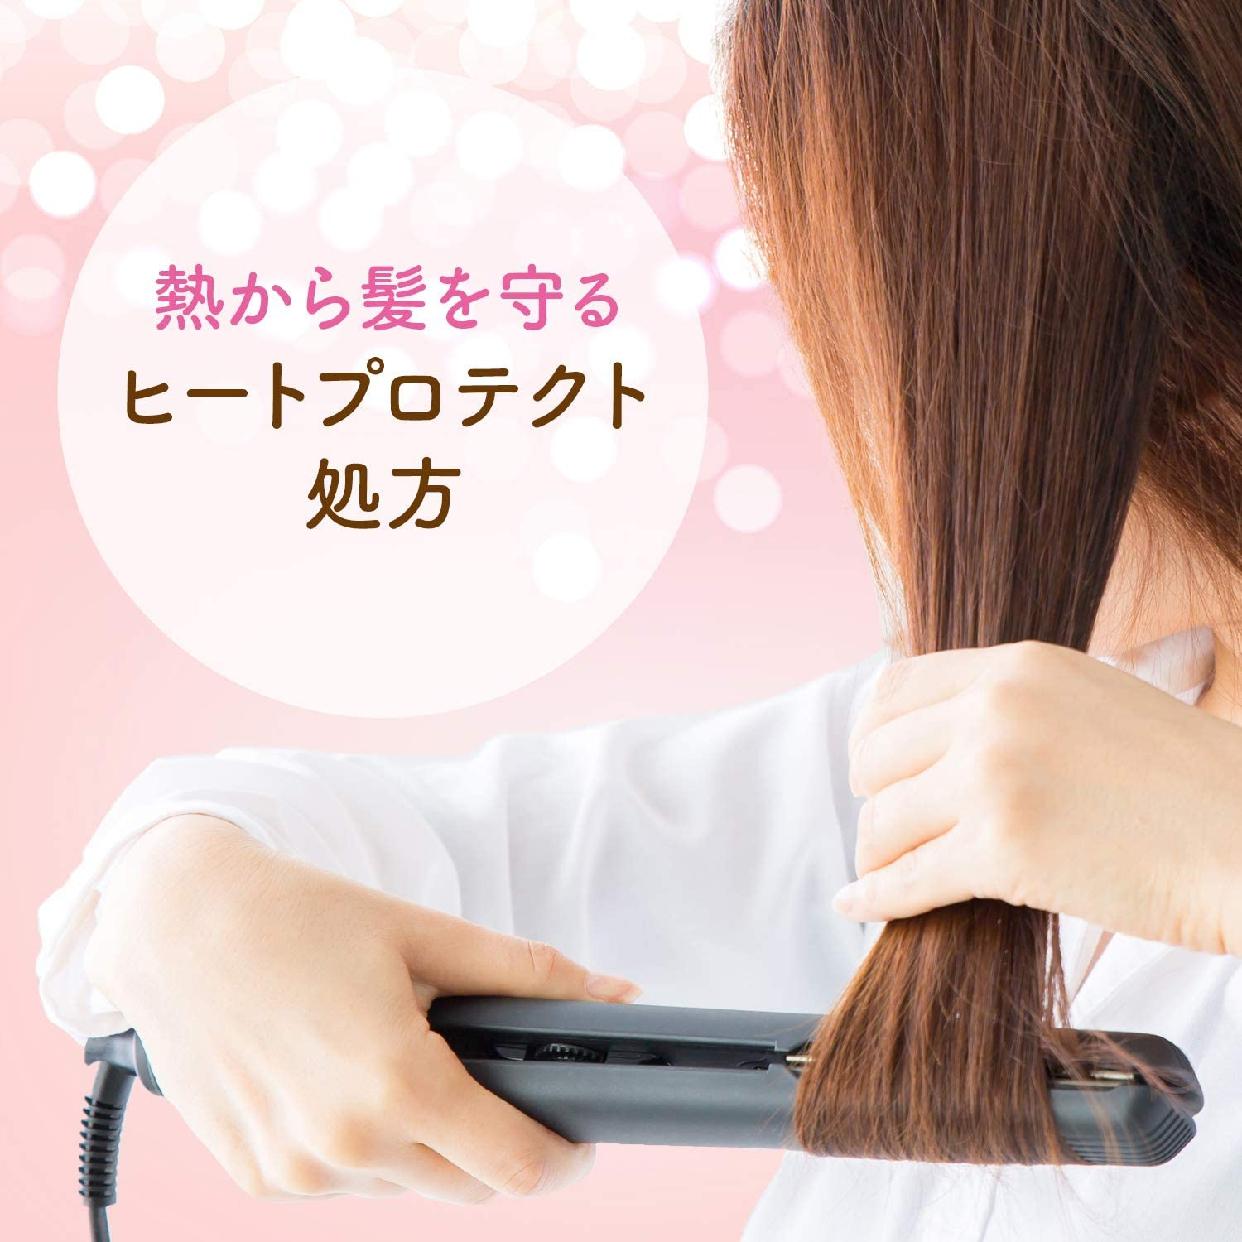 LUCIDO-L(ルシードエル) デザイニングアクア #エアリーカールローション (巻き髪用)の商品画像3